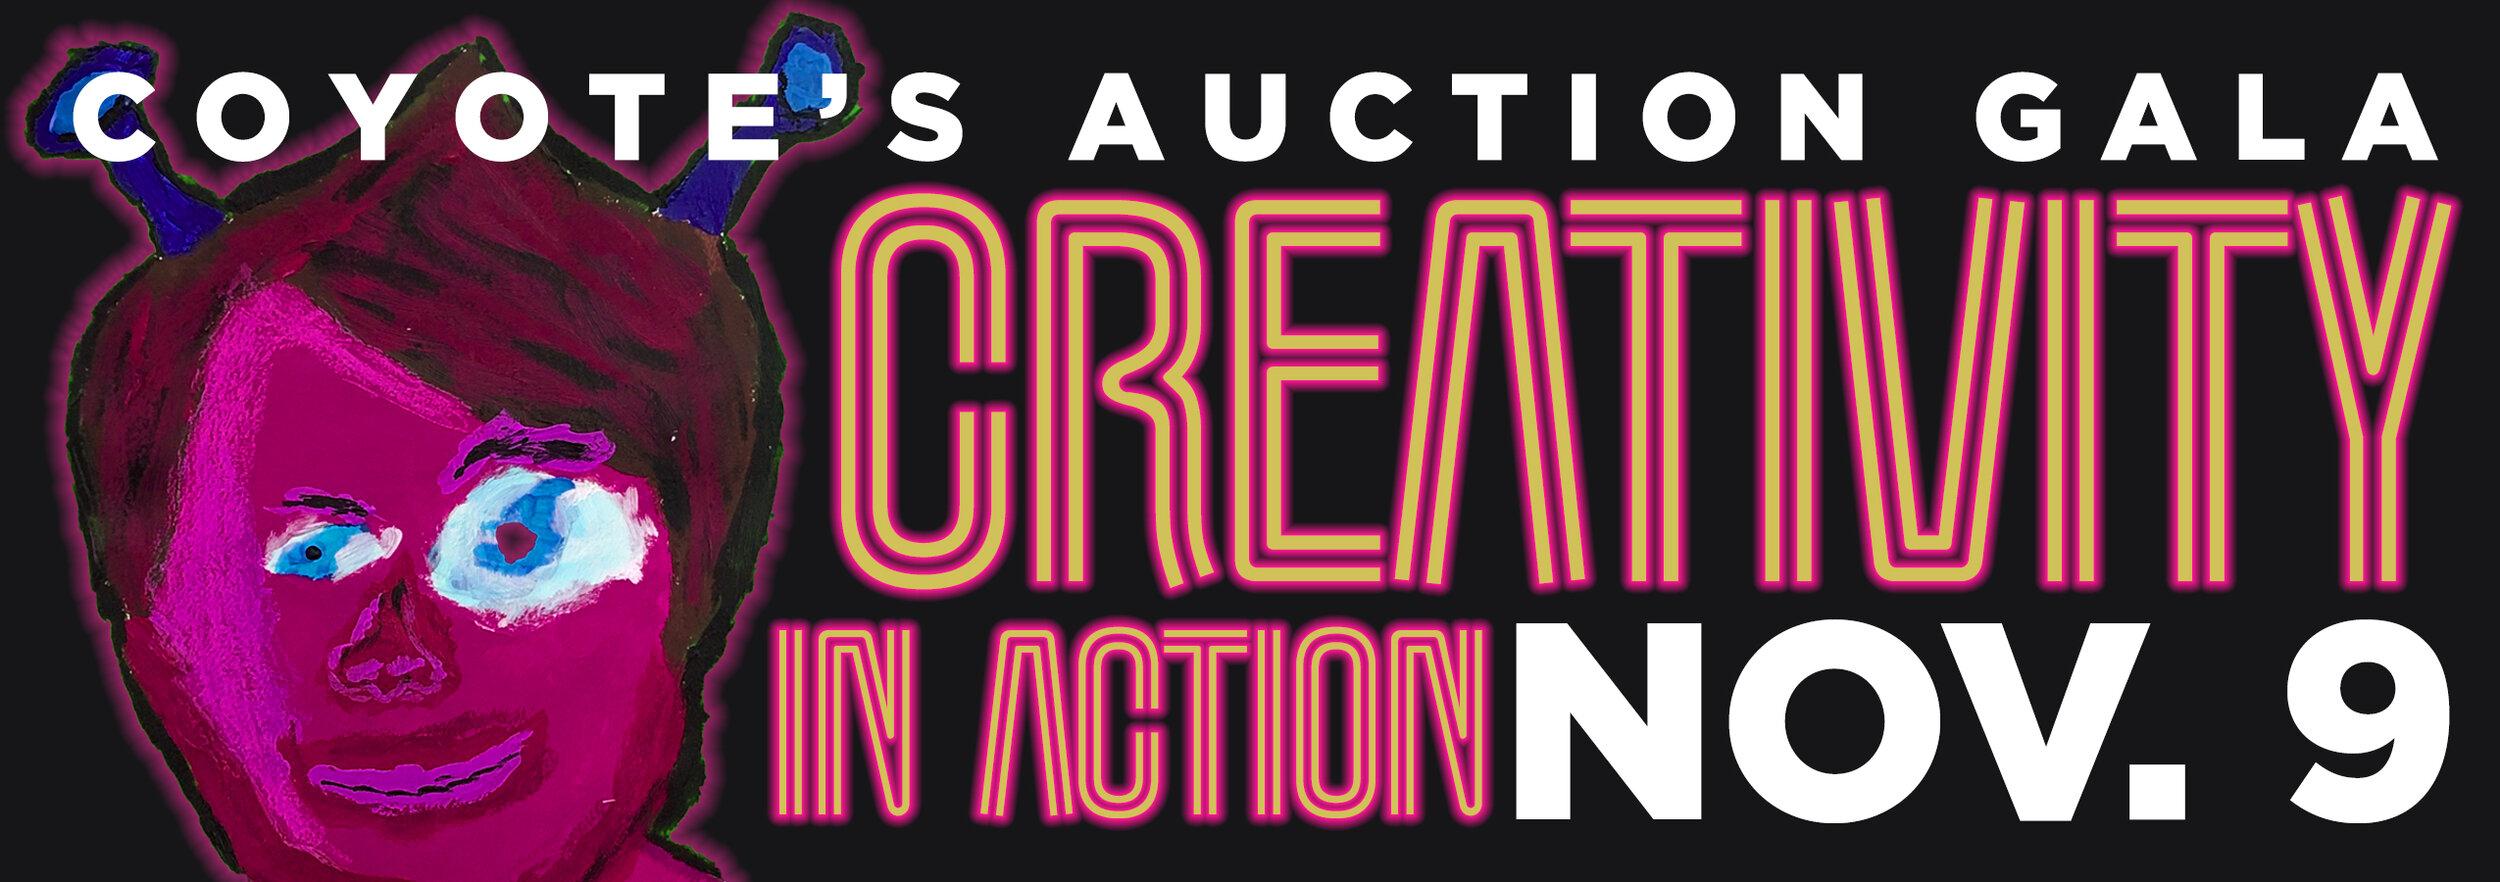 2019 auction banner Neon.jpg